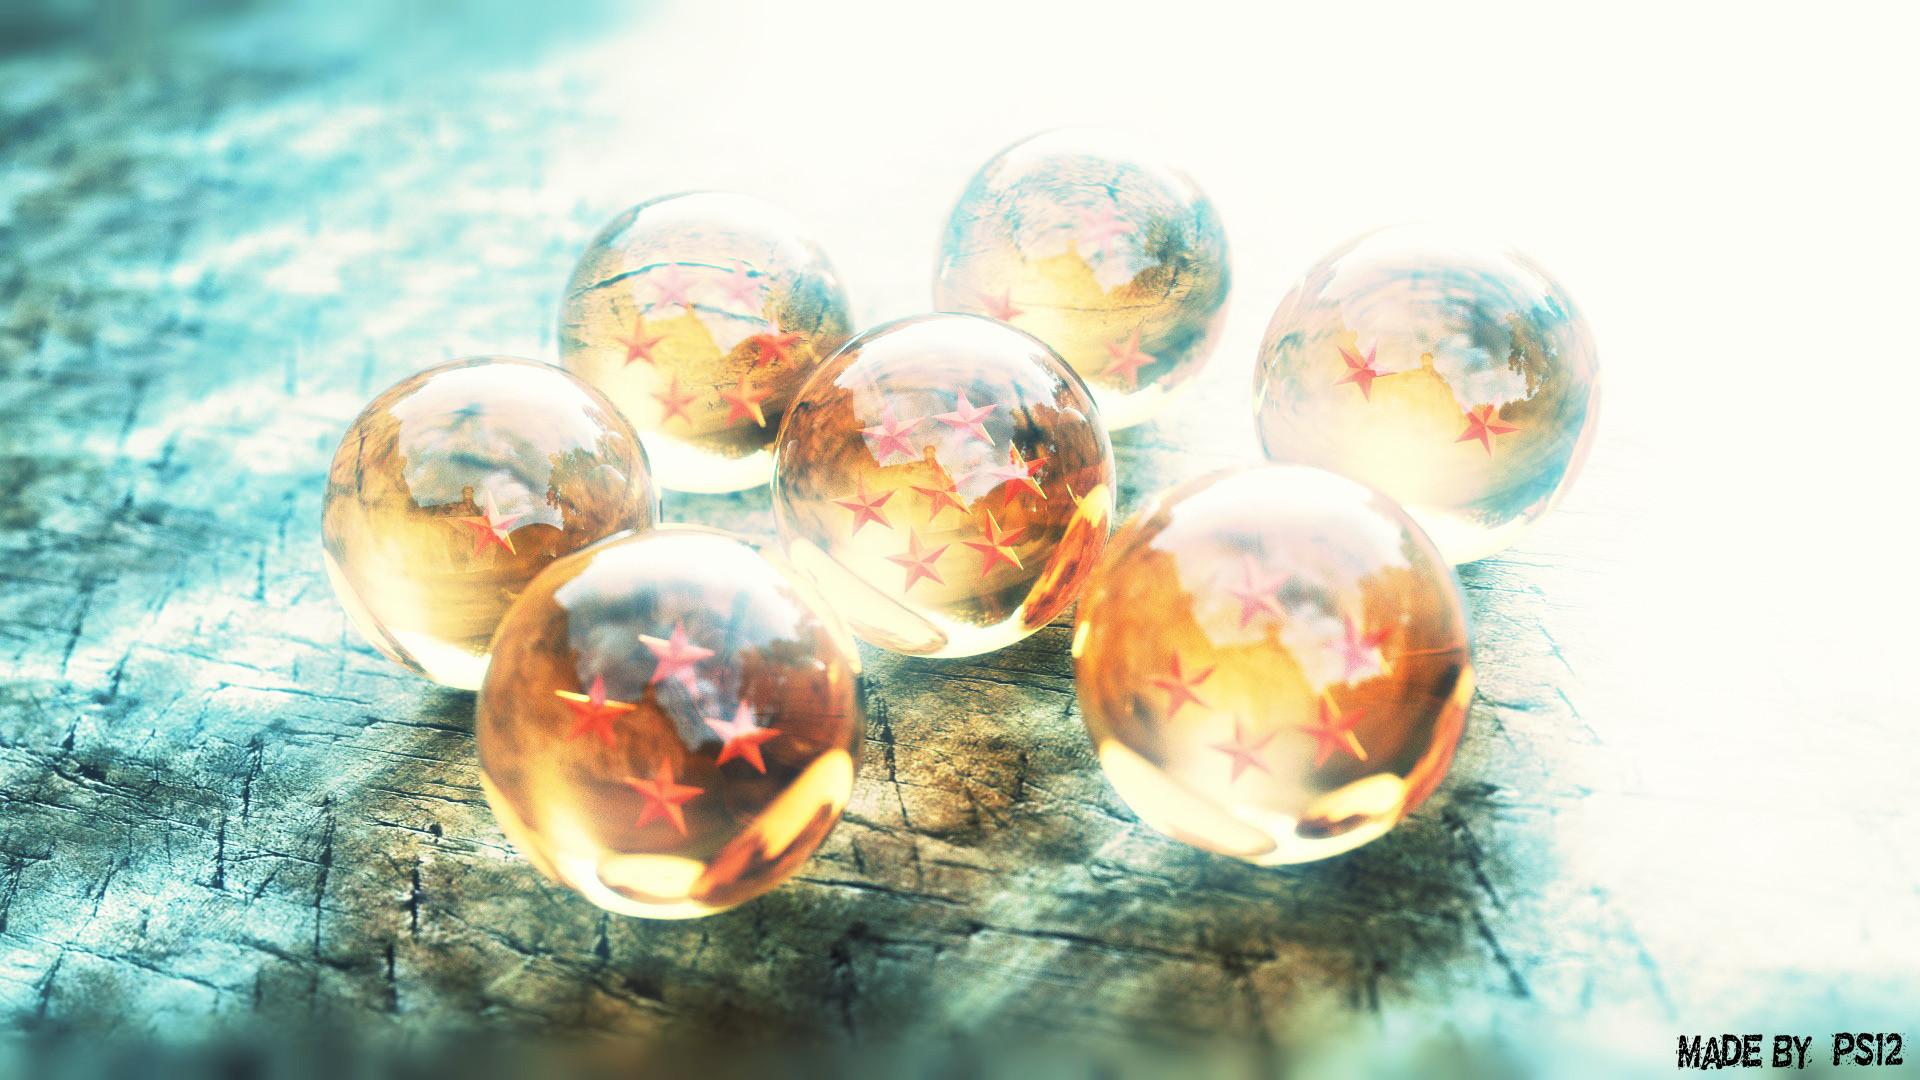 dragon ball z free wallpaper download | Dragon Ball Z Anime | Pinterest | Dragon  ball, Goku and Dragons